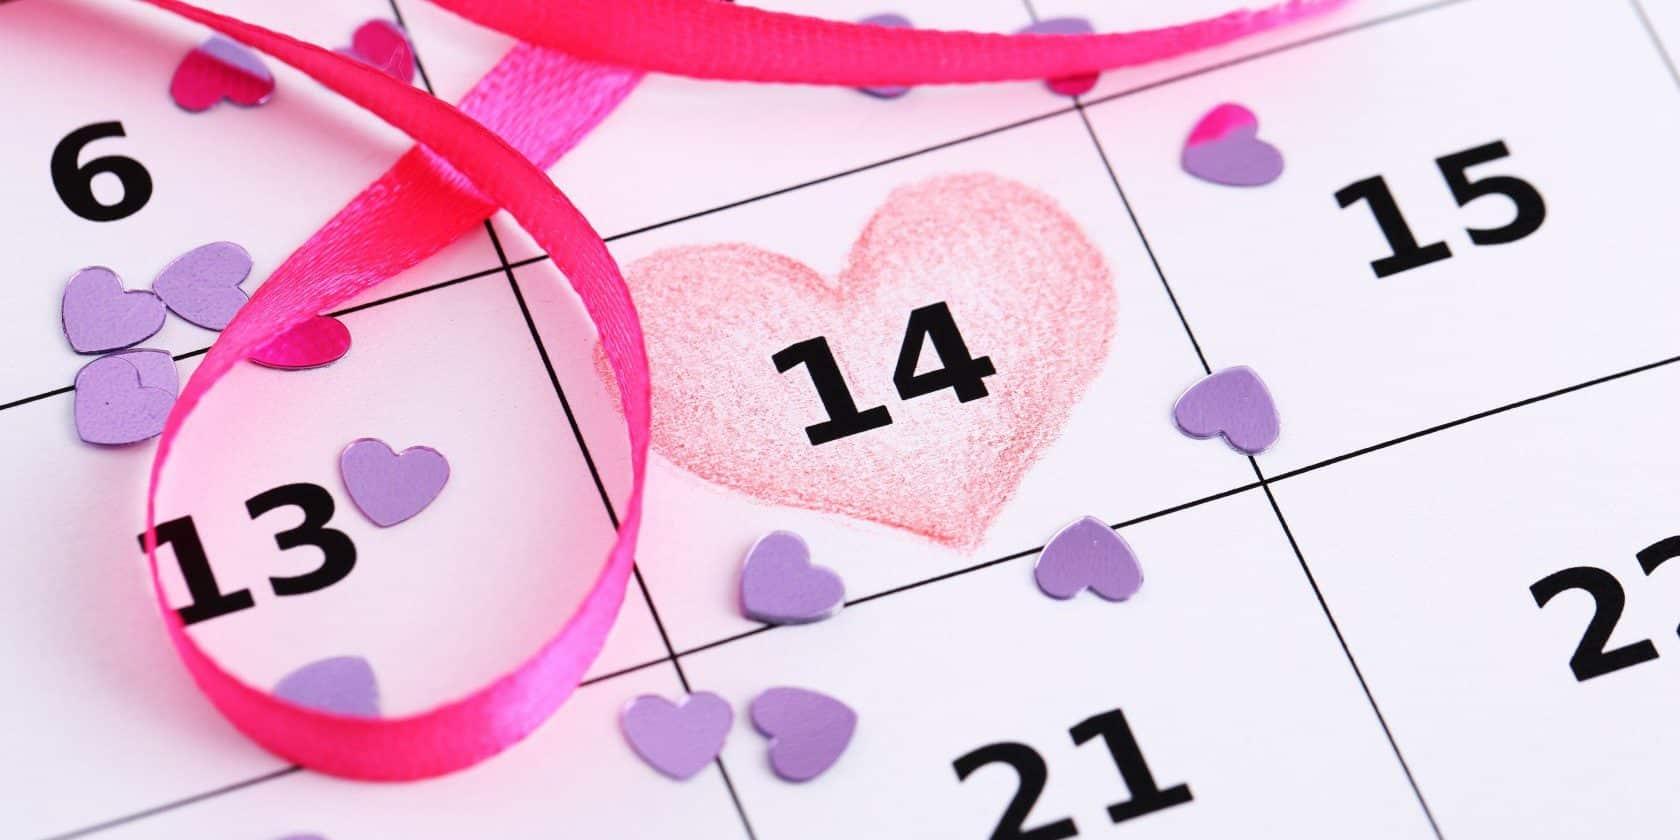 Какой праздник сегодня 14 февраля 2020: День святого Валентина отмечают 14.02.2020